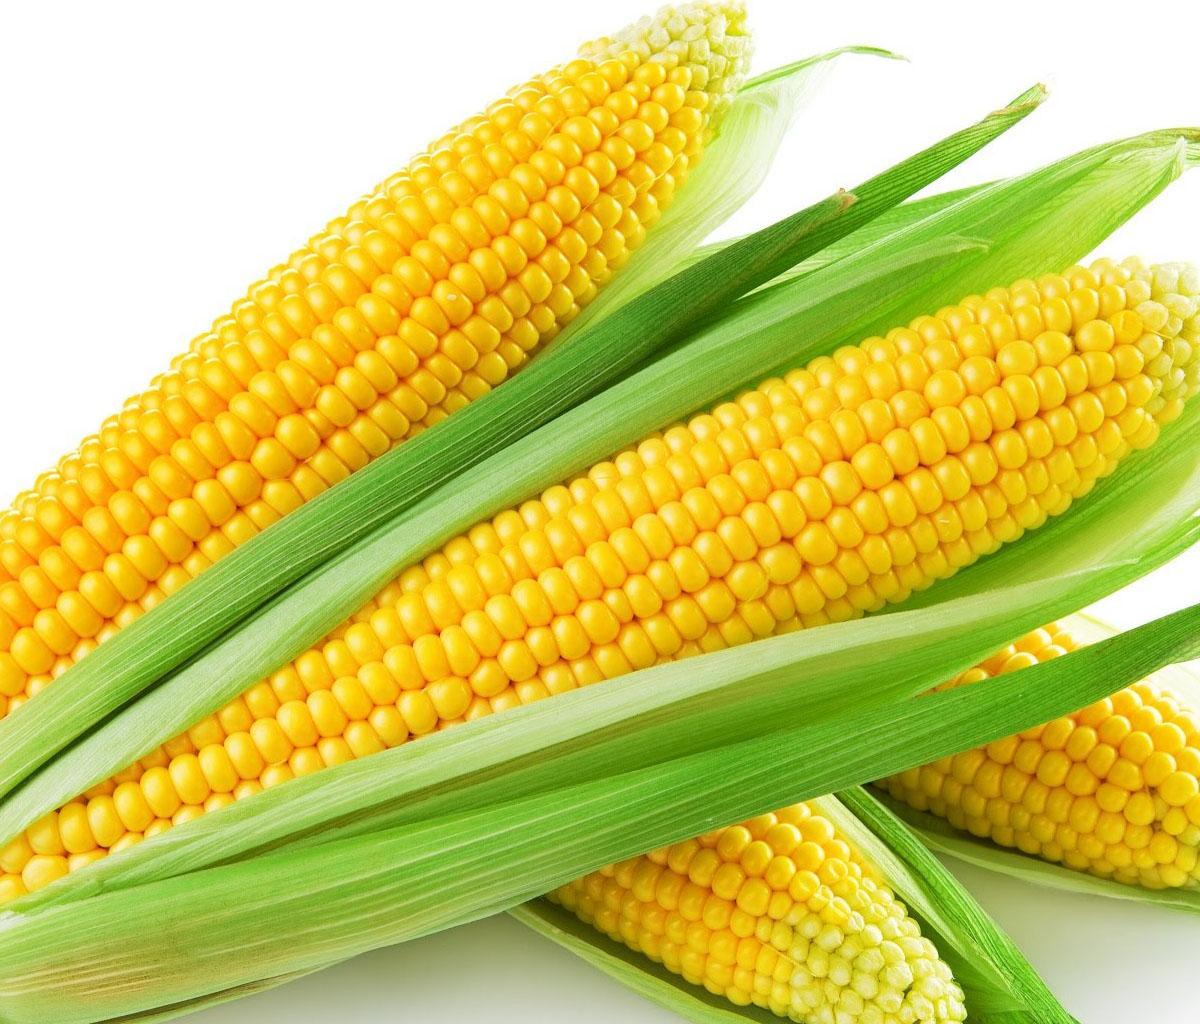 تفسير حلم تناول الذرة للحامل